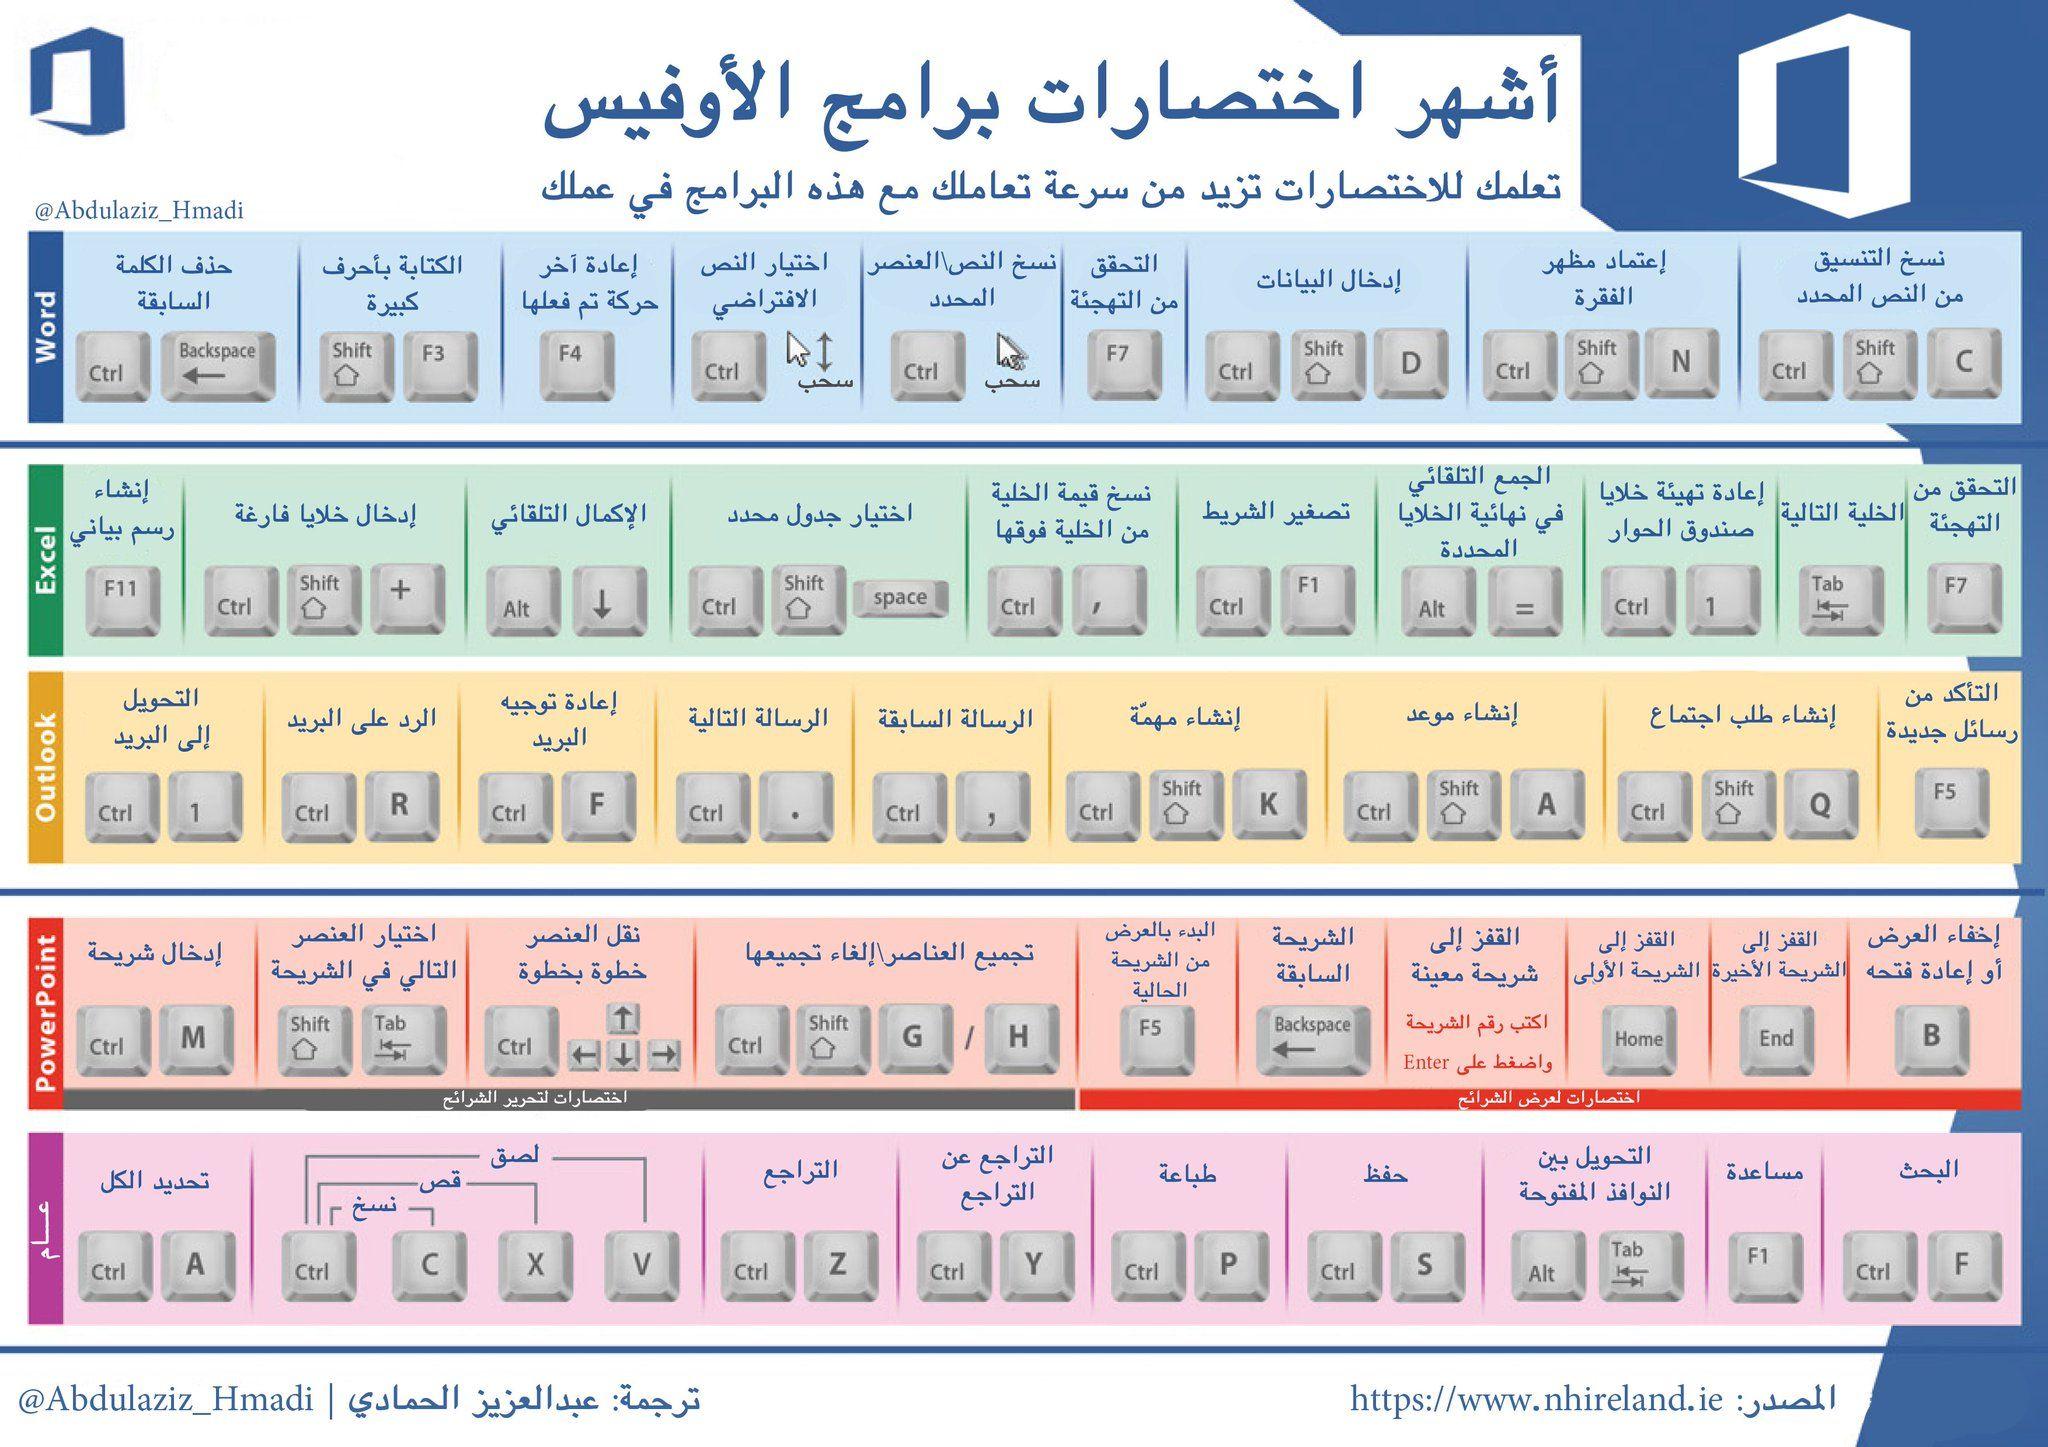 عبدالعزيز الحمادي On Twitter Happy Day Quotes Words Twitter Sign Up